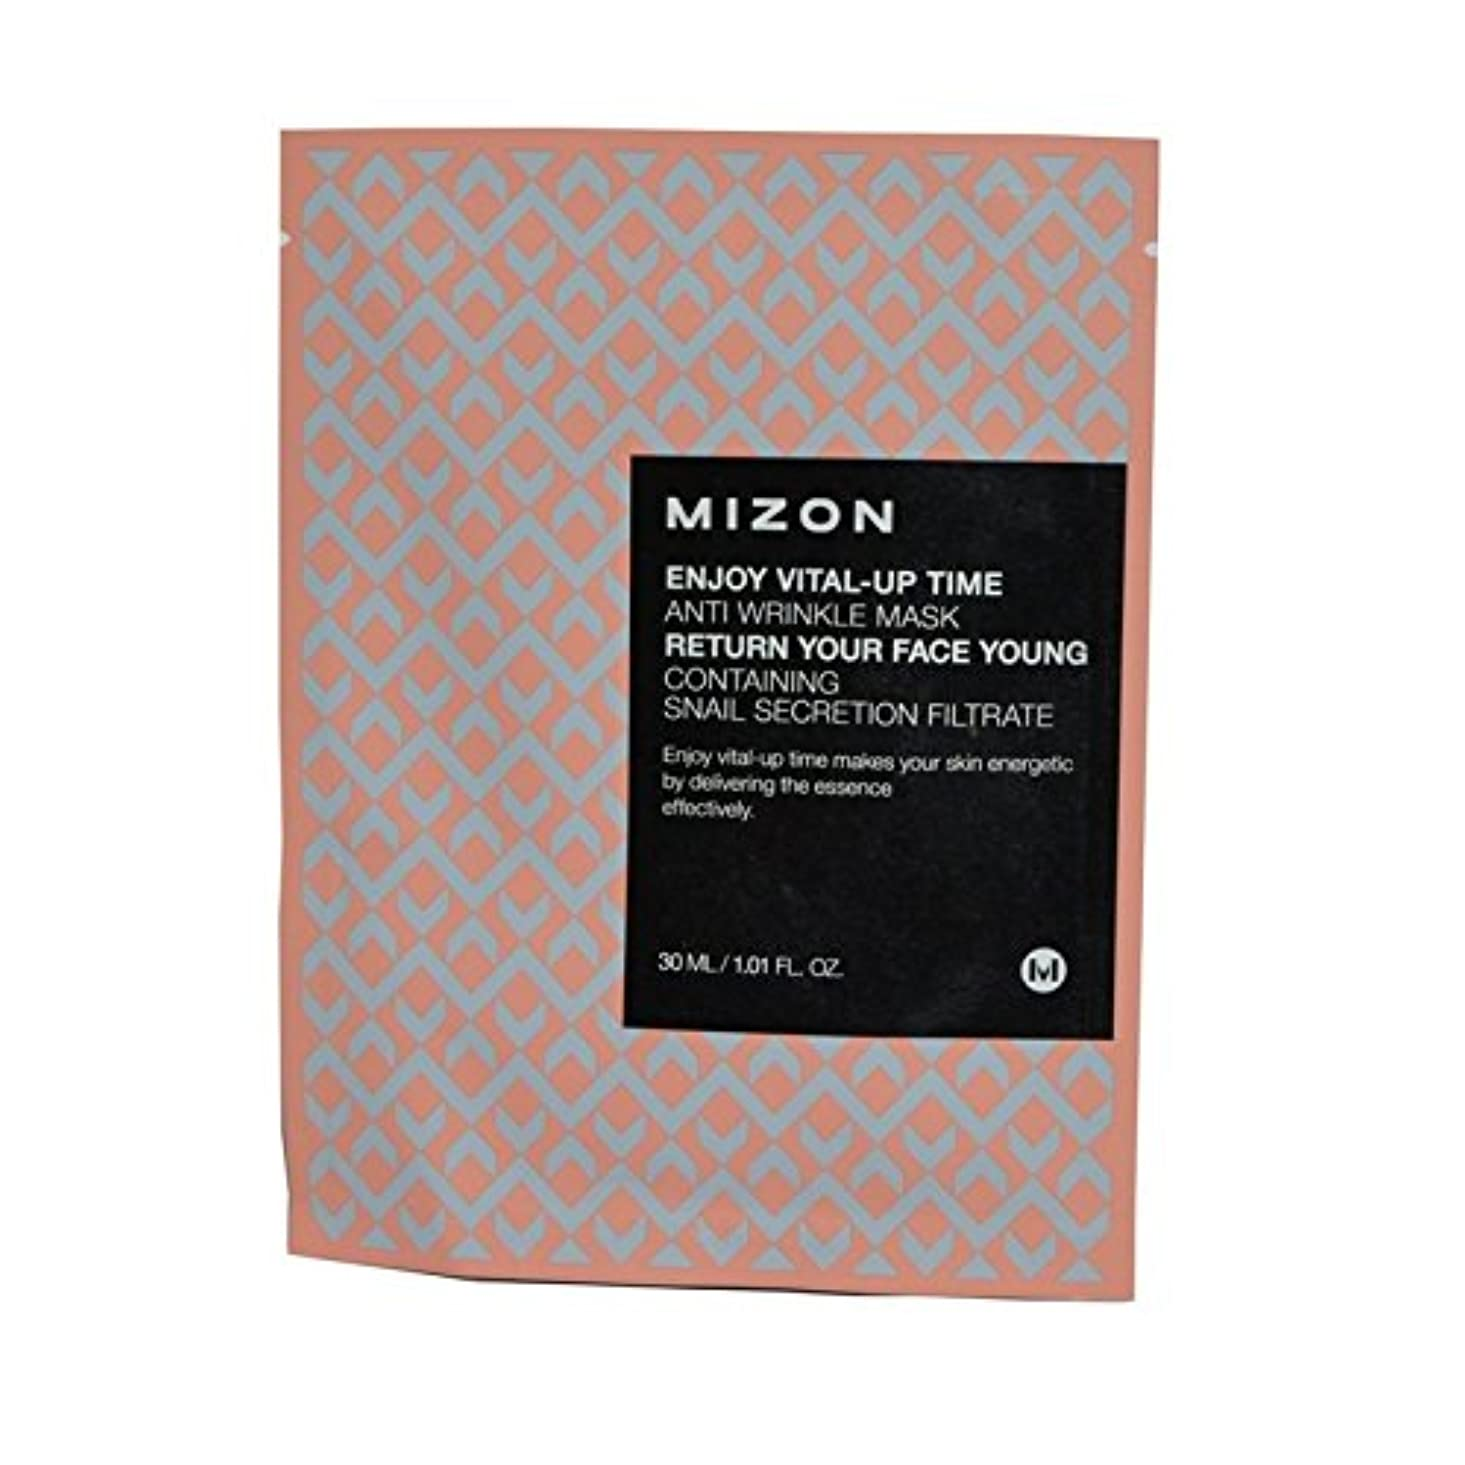 不注意矛盾アスリートが不可欠アップ時間抗しわマスクを楽しみます x4 - Mizon Enjoy Vital Up Time Anti-Wrinkle Mask (Pack of 4) [並行輸入品]